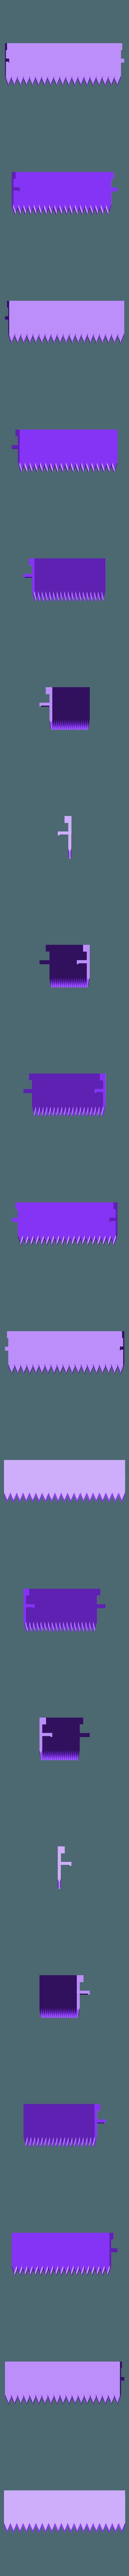 """devidoir_lame_coupe01.STL Télécharger fichier STL gratuit Dévidoir à scotch """"Monsteranimal T-Rex"""" • Modèle imprimable en 3D, Tibe-Design"""